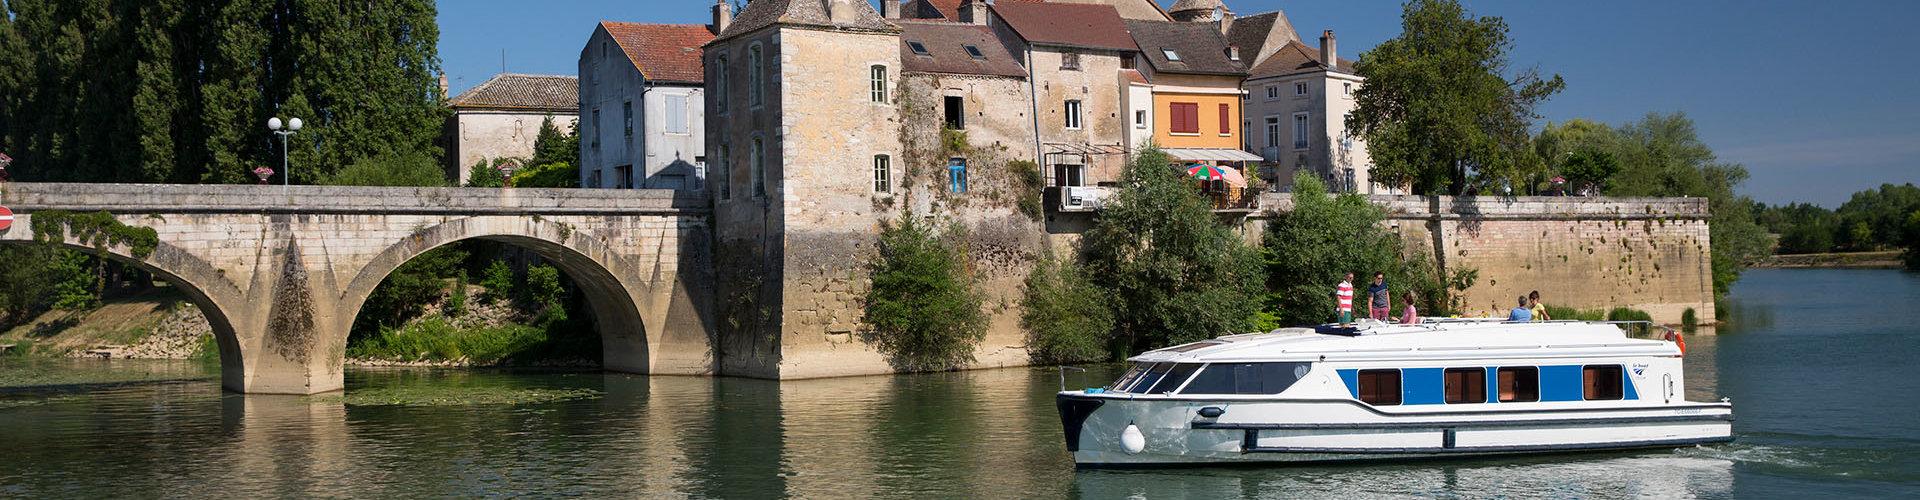 El barco Vision en Borgoña